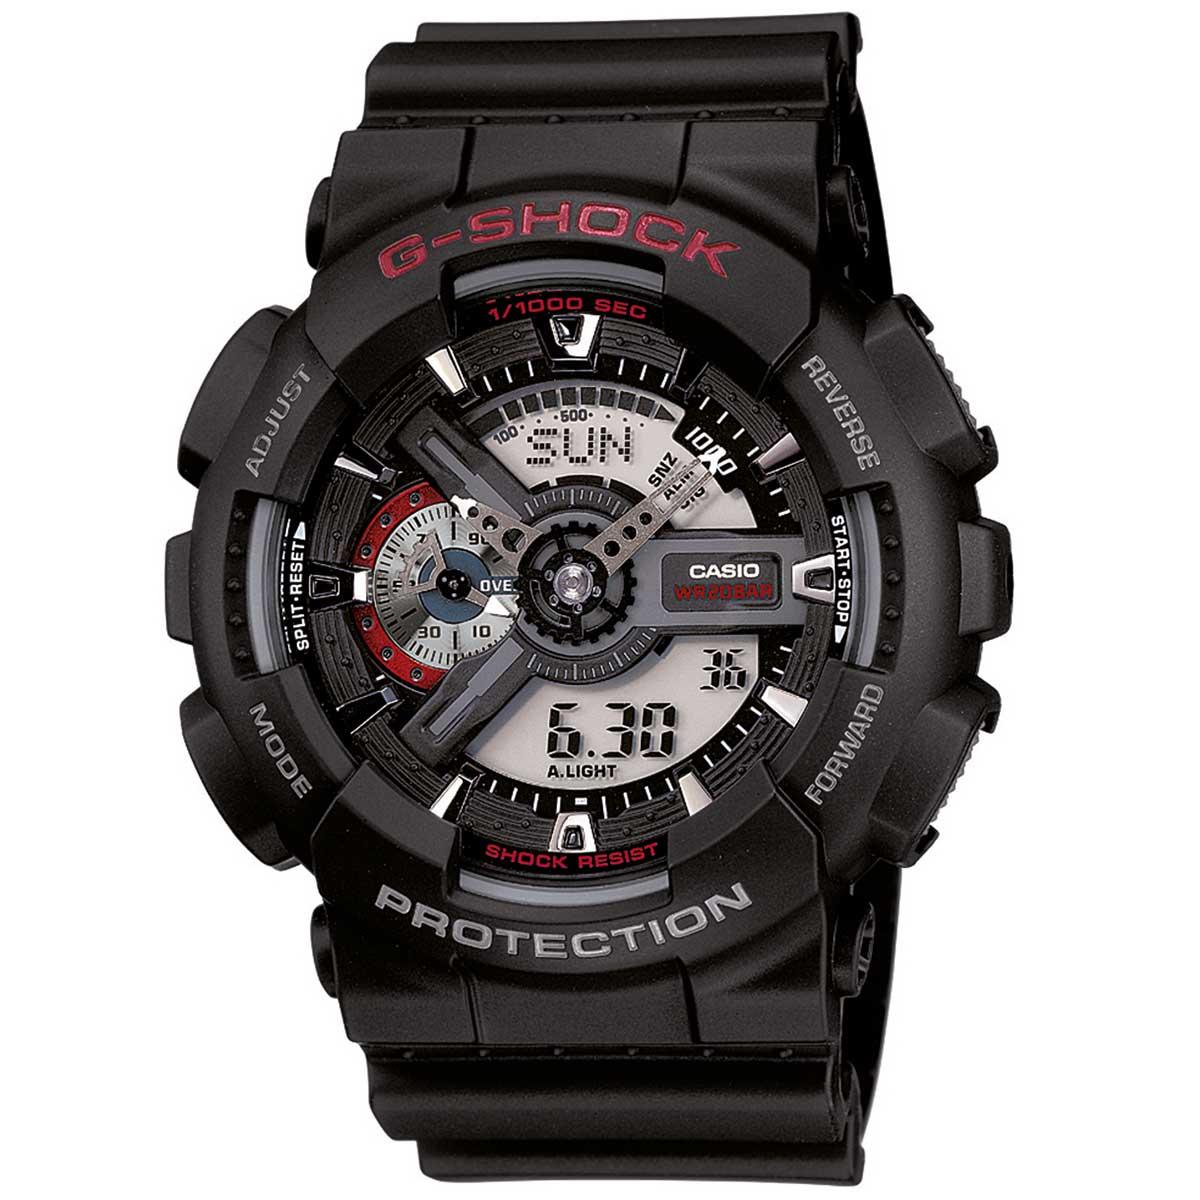 Relógio de Pulso Masculino Casio G-Shock GA-110-1ADR - Preto